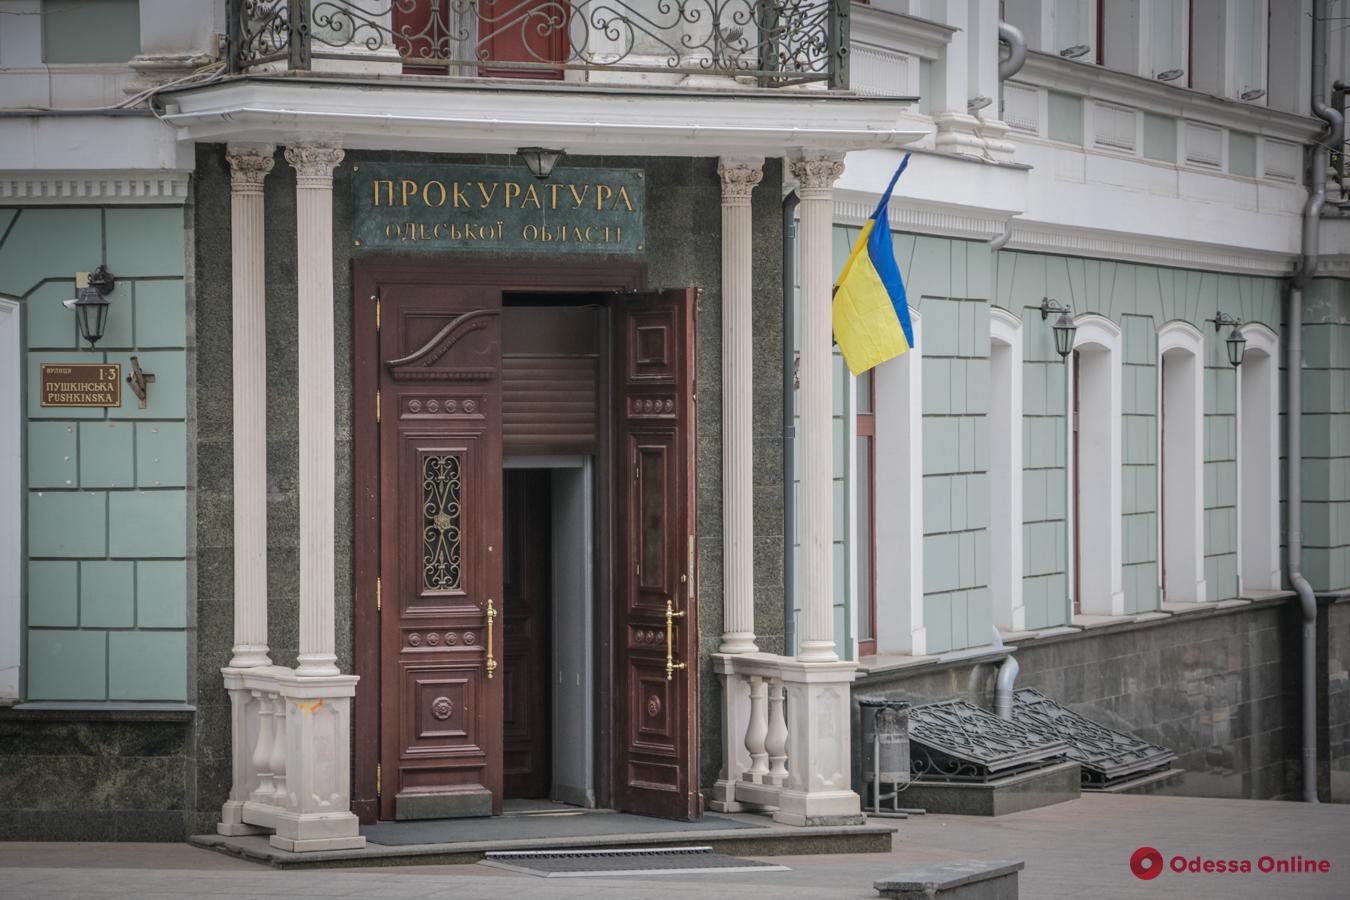 Сотрудника одесской прокуратуры подозревают в махинациях с жильем